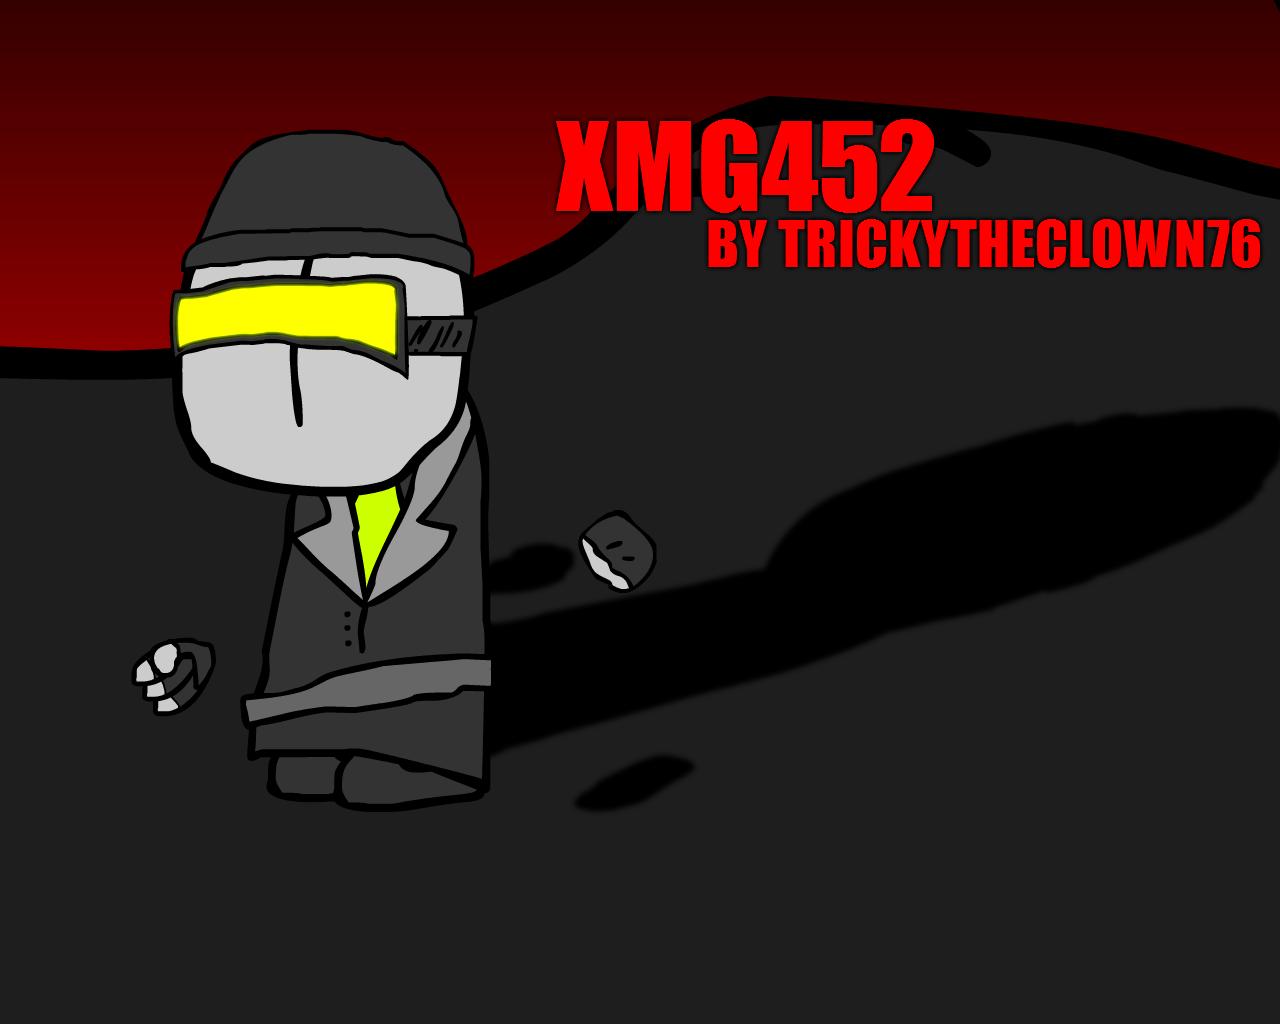 XMG452